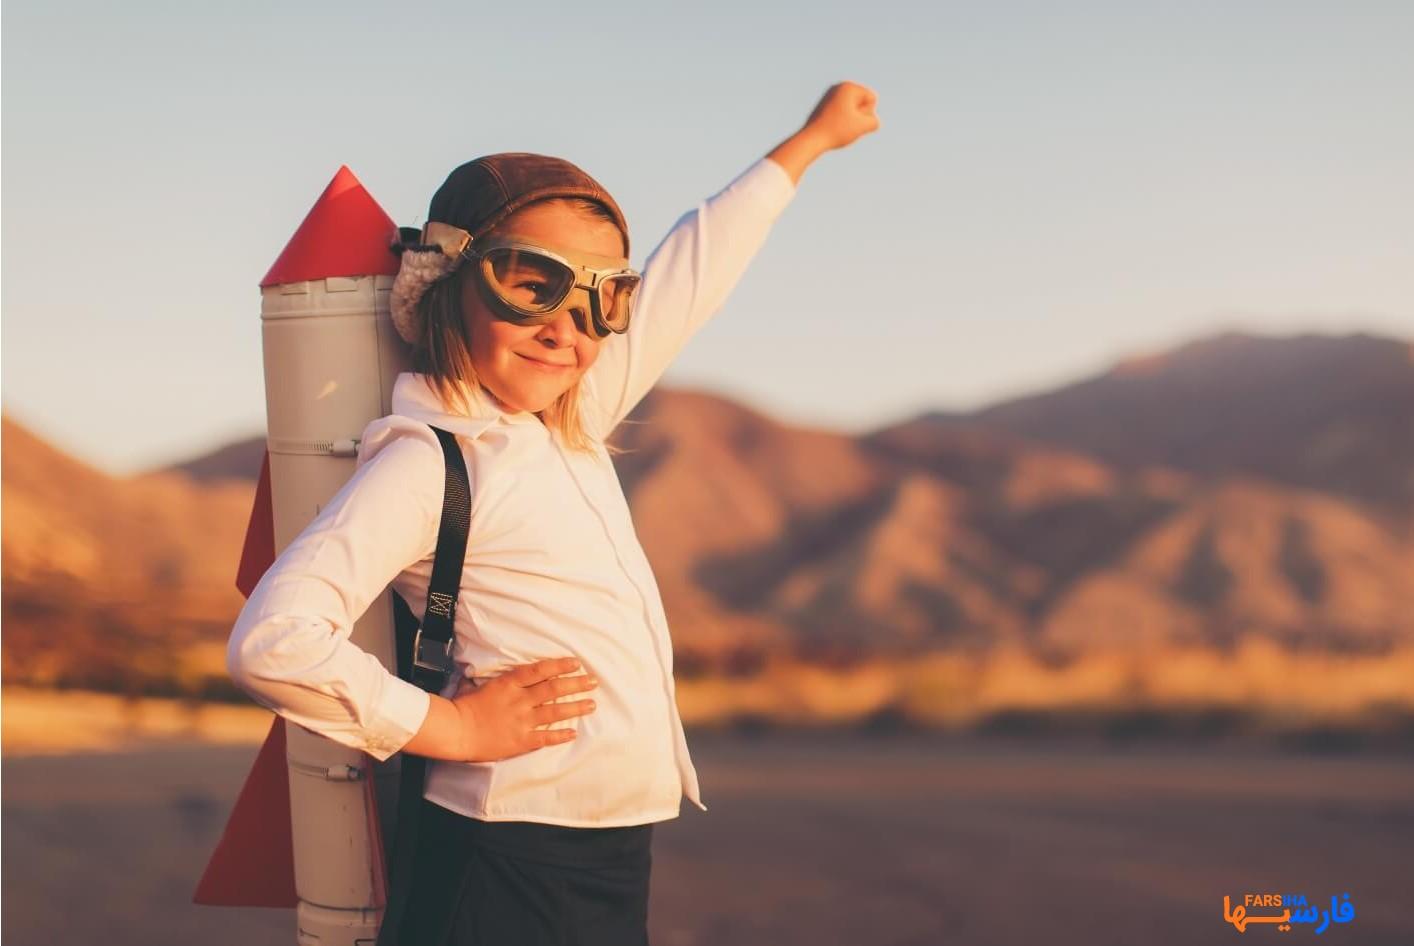 12 روش برای تربیت کودک با اعتماد به نفس